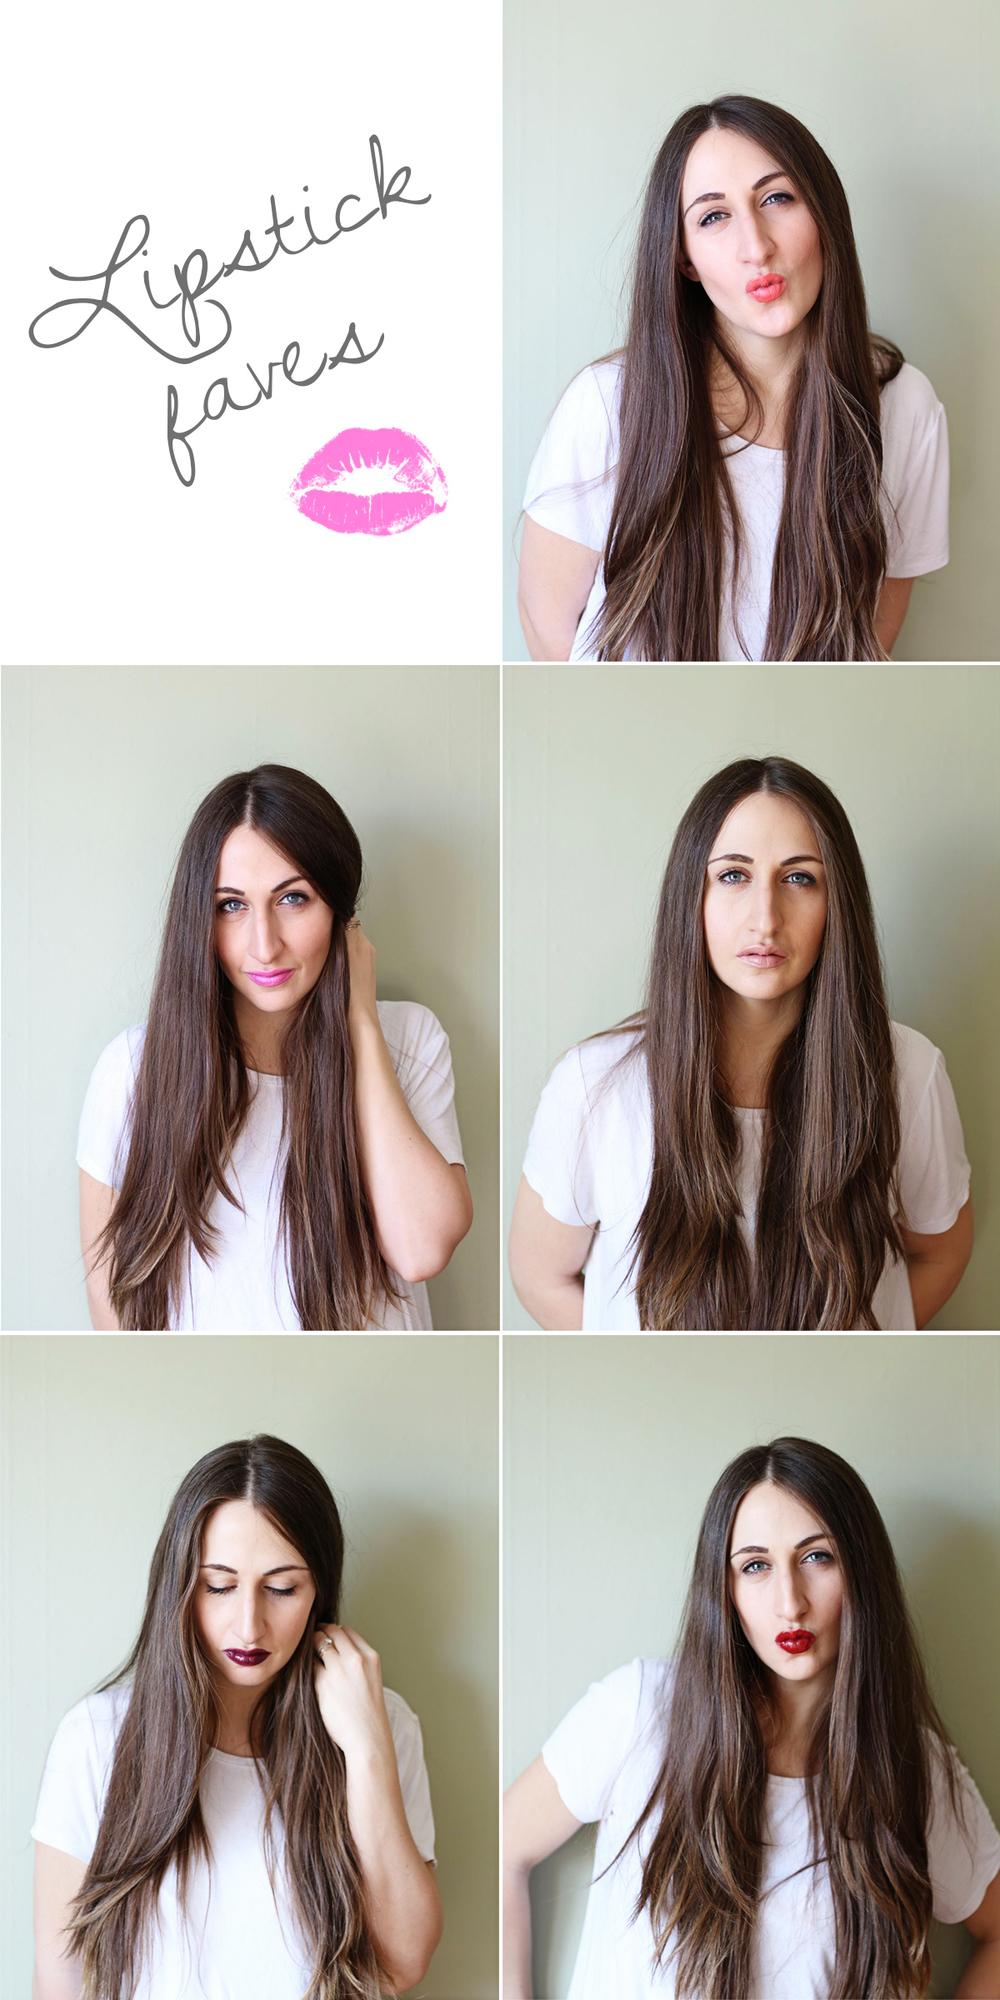 lipstickfaves.jpg